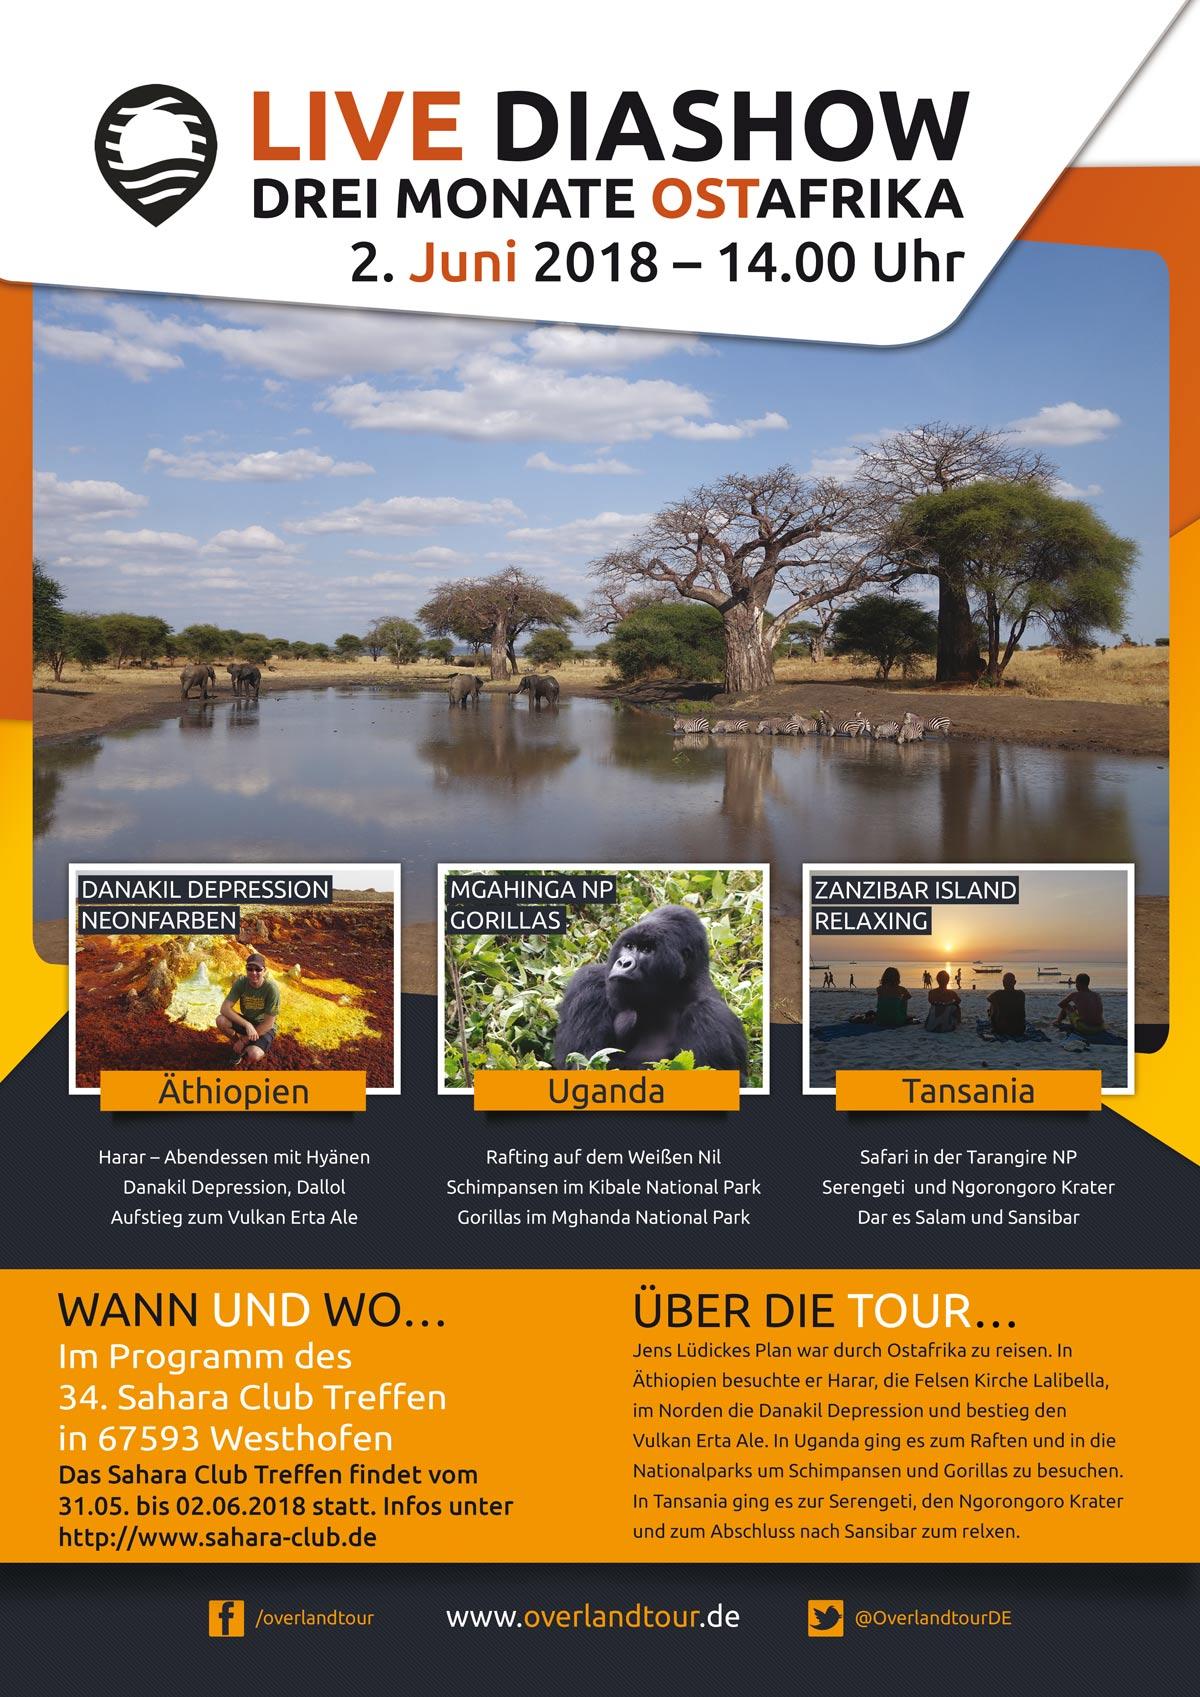 DIASHOW – 3 Monate Ostafrika [JUNI 2018]